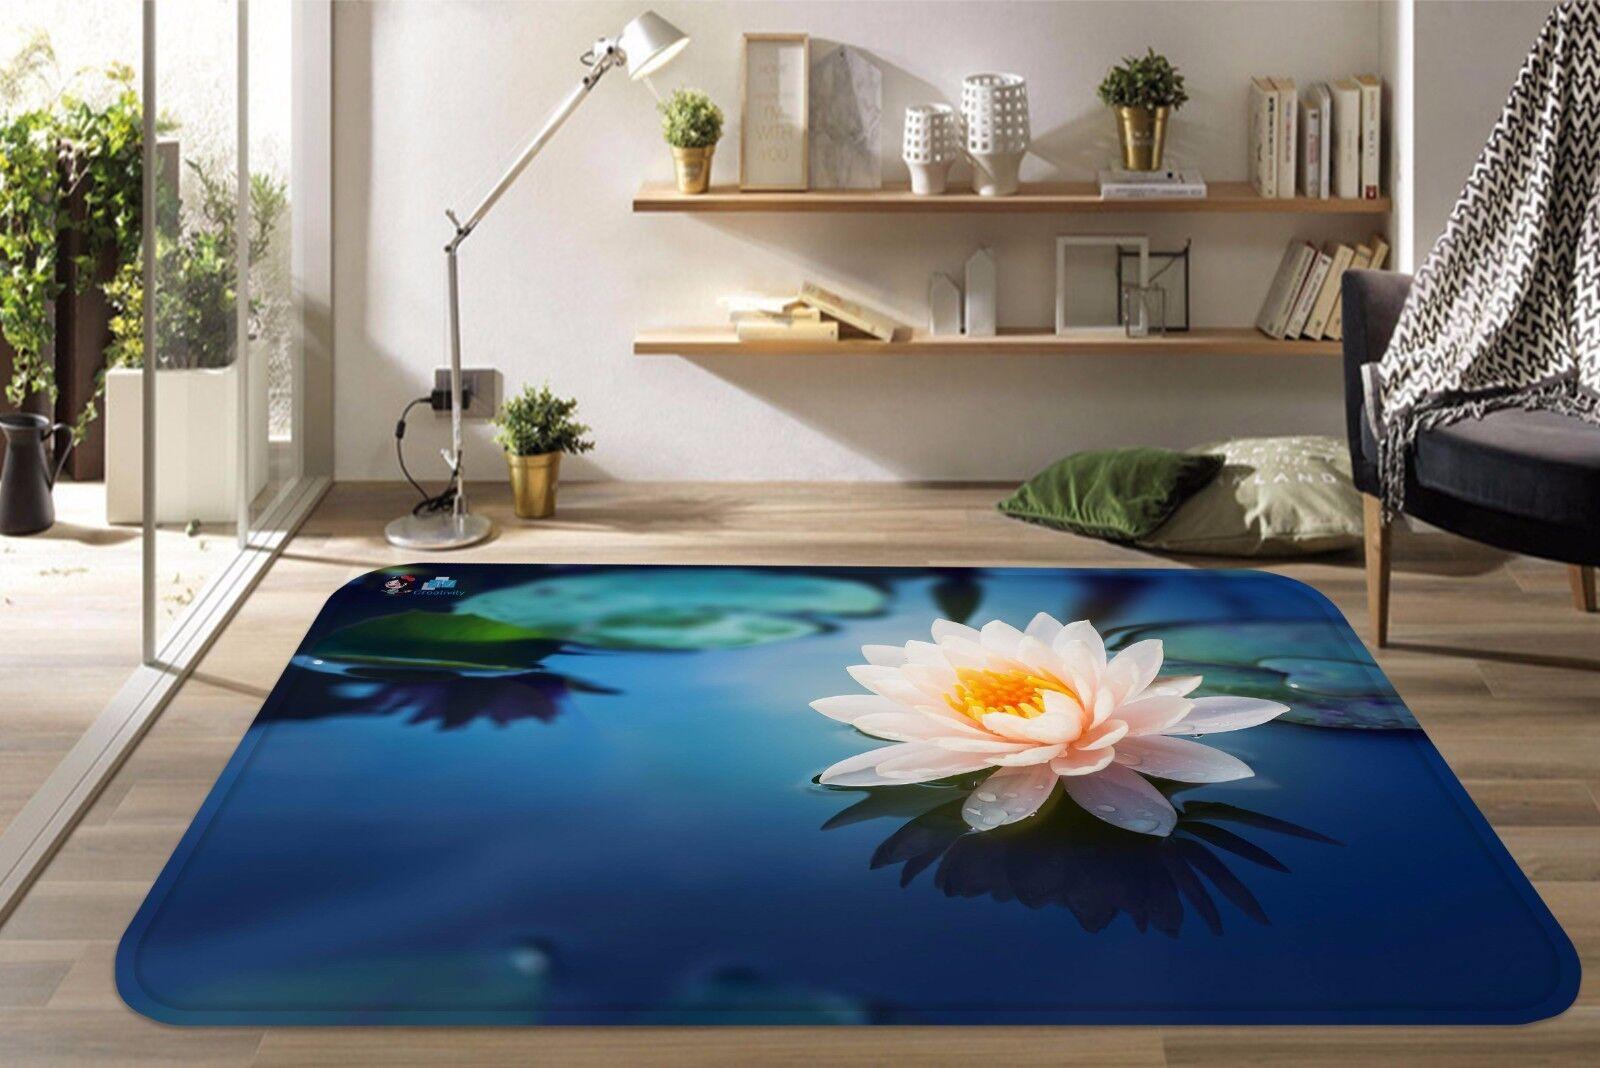 Wanddeko Set Set Set Paddel Handarbeit Holz 96x14cm blau weiß Wandskulptur Wandhänger 9cde4b